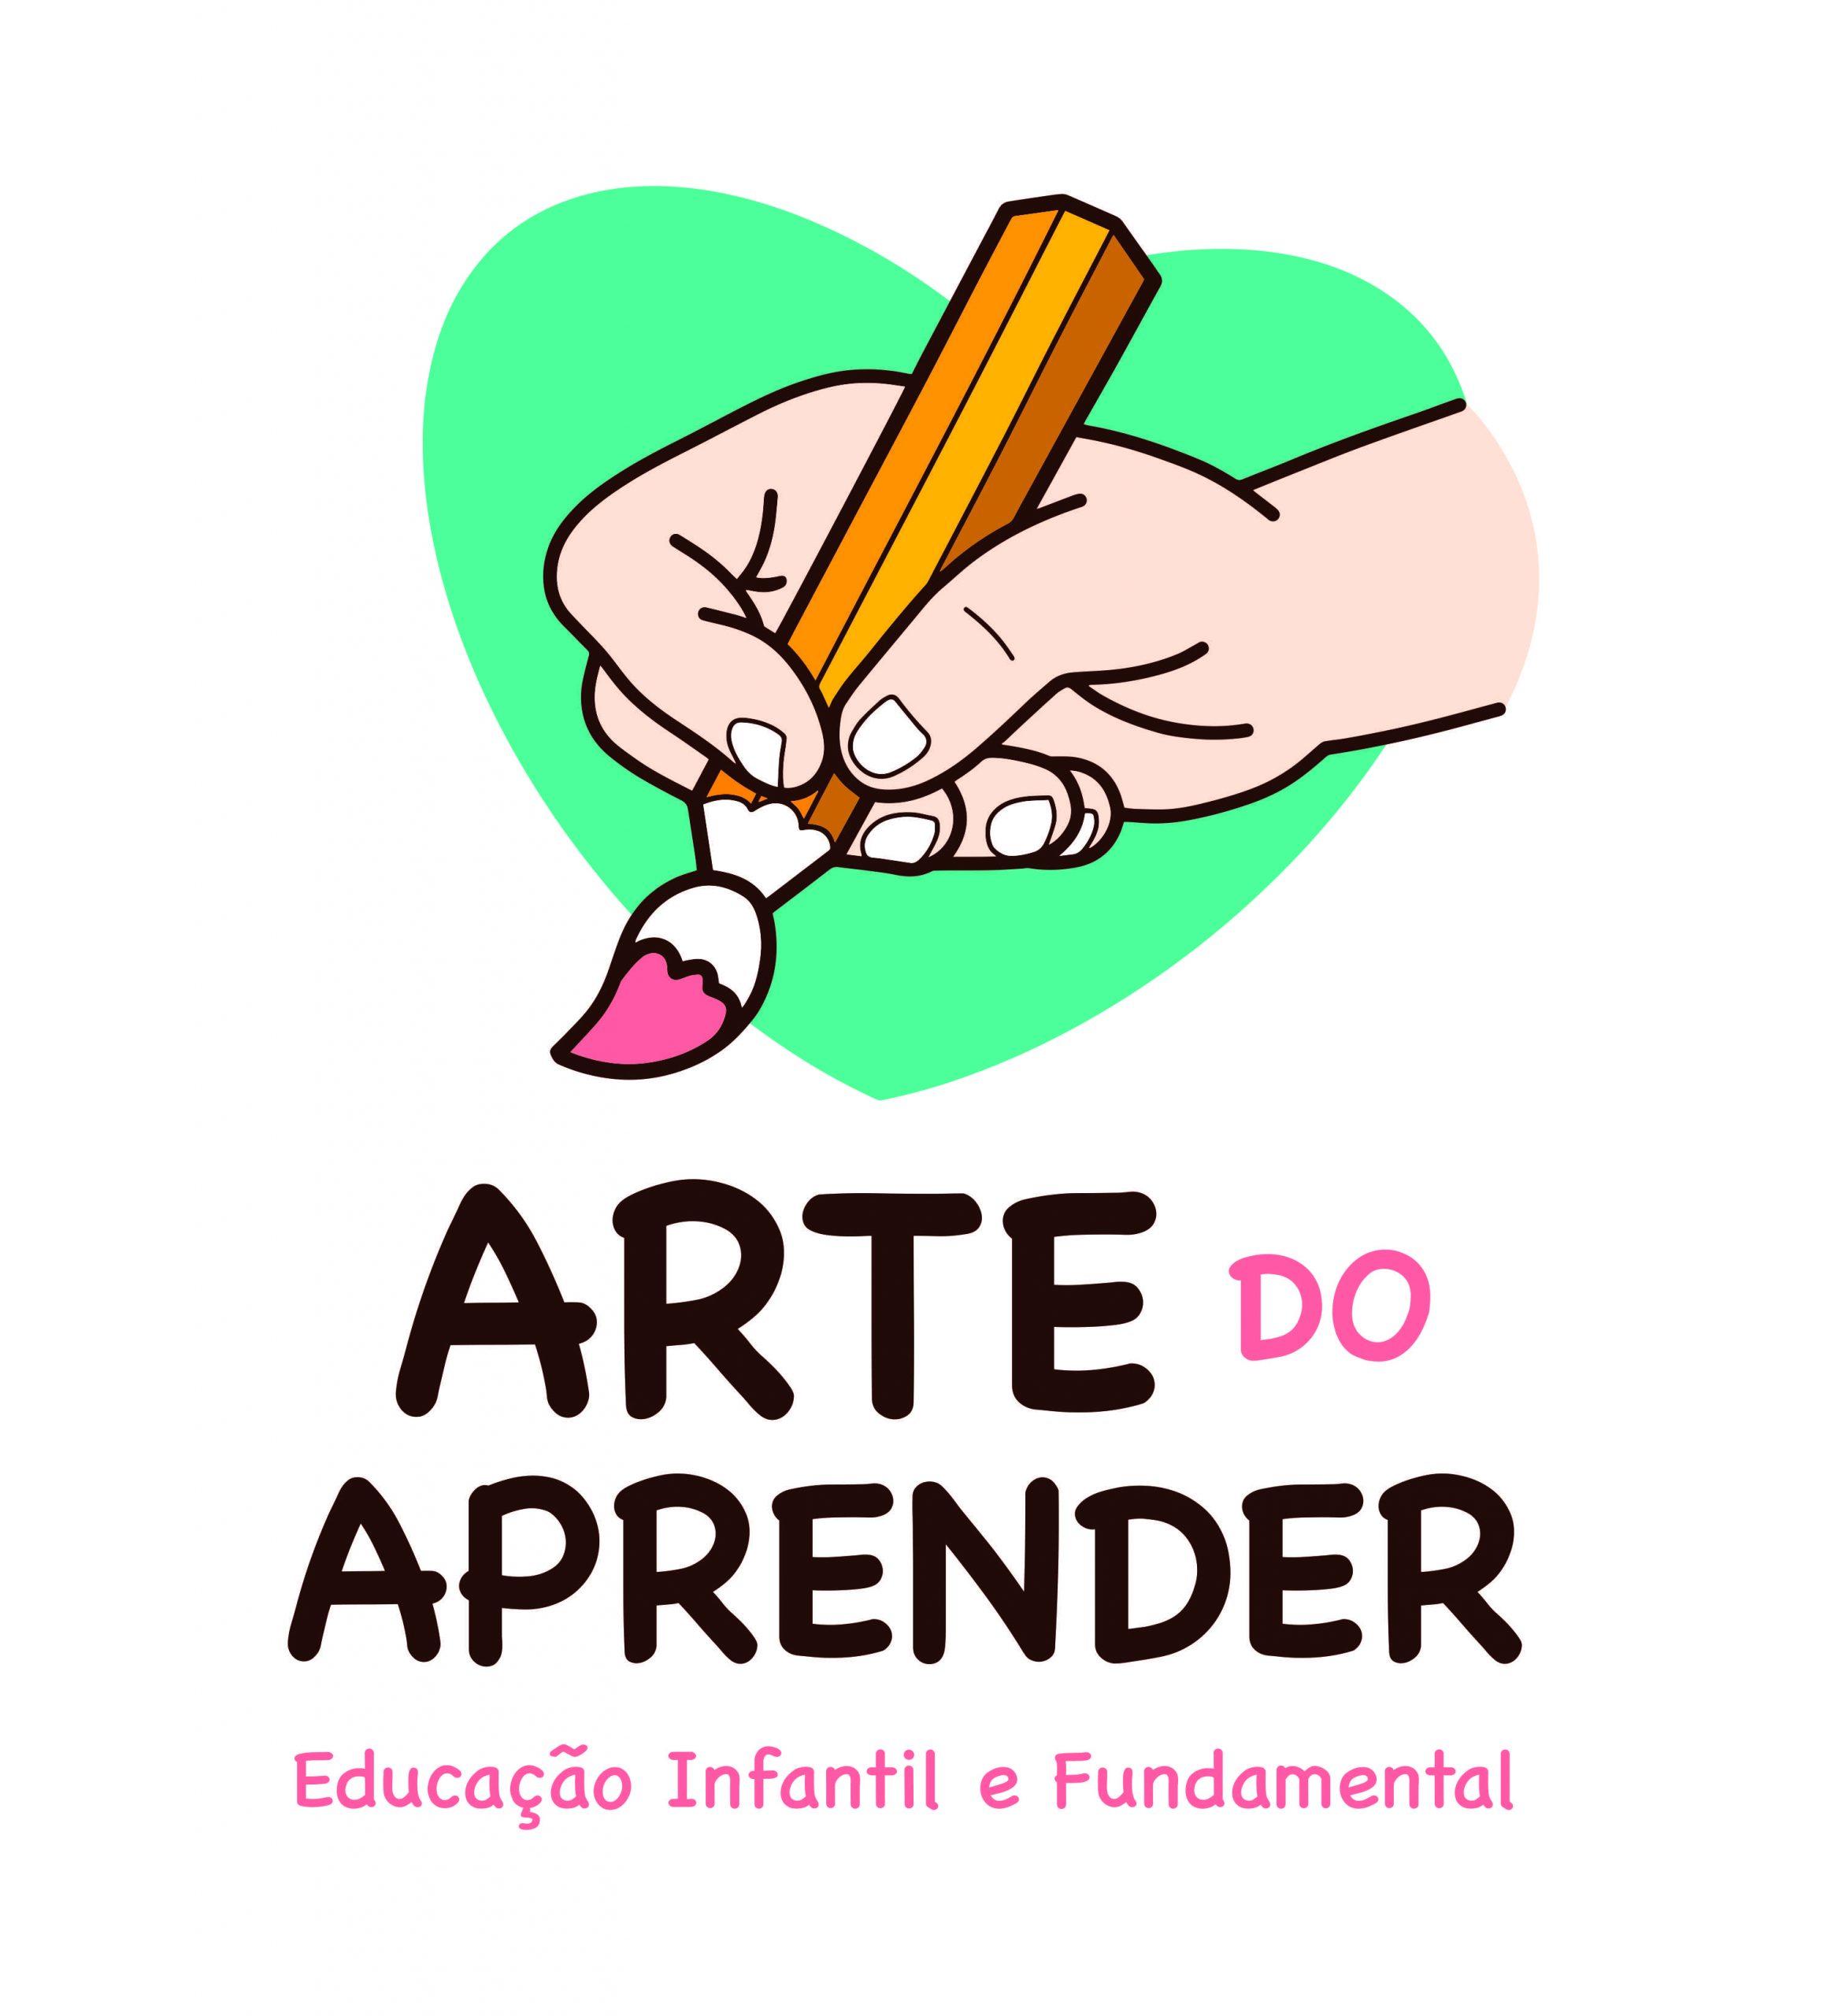 arte do aprender